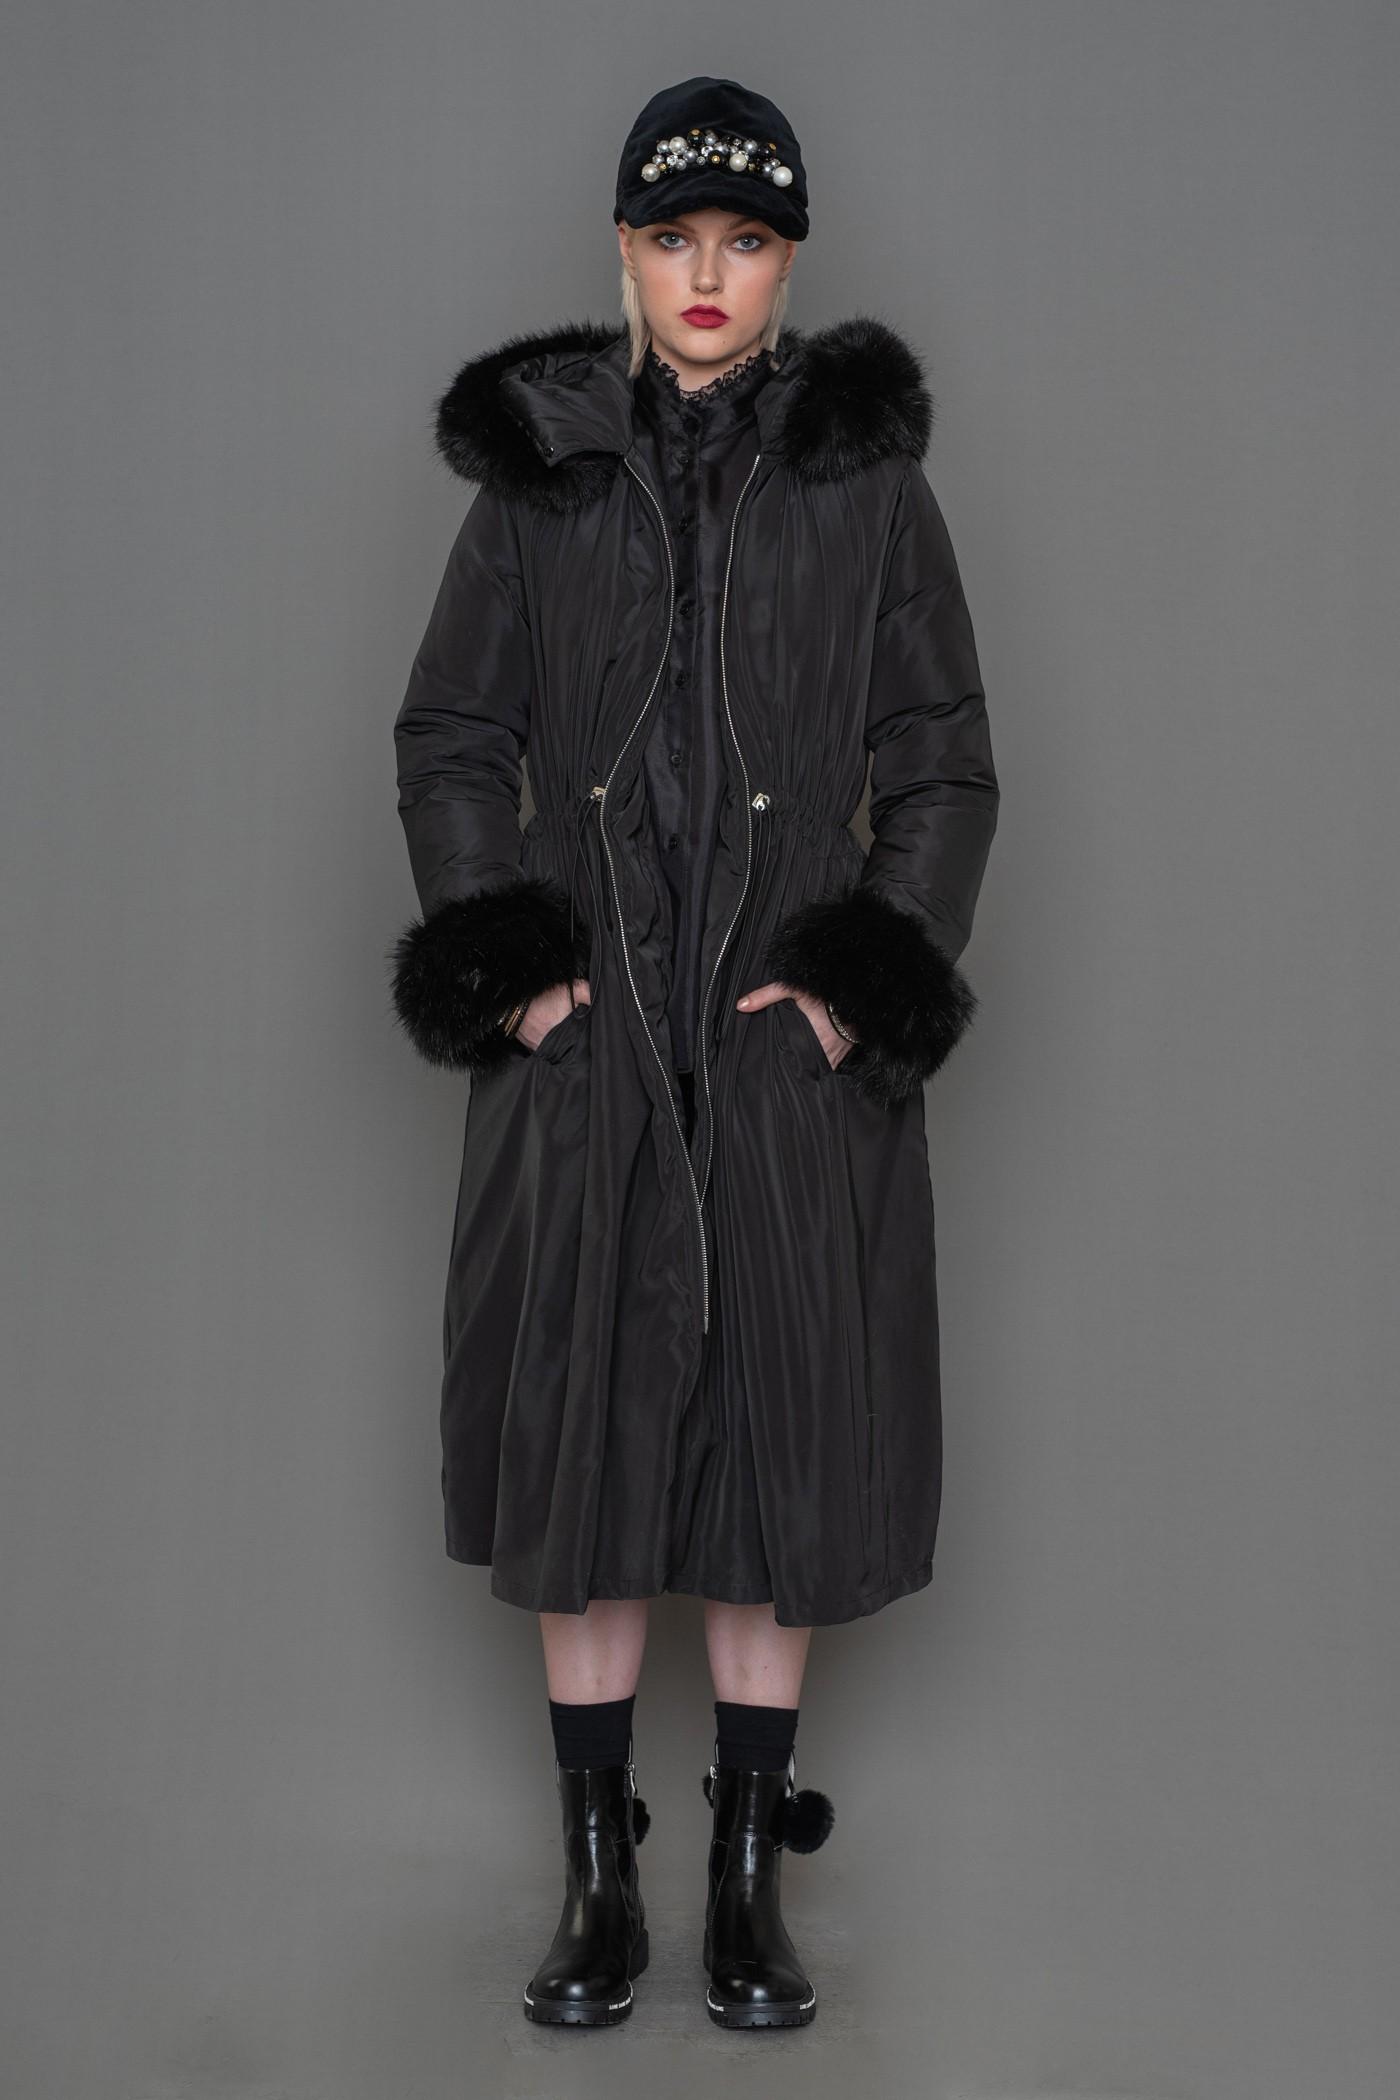 Μπουφάν μακρύ με σούρα και αποσπώμενη γούνα ECO FUR στην κουκούλα και στα μανίκια, γυναικείο